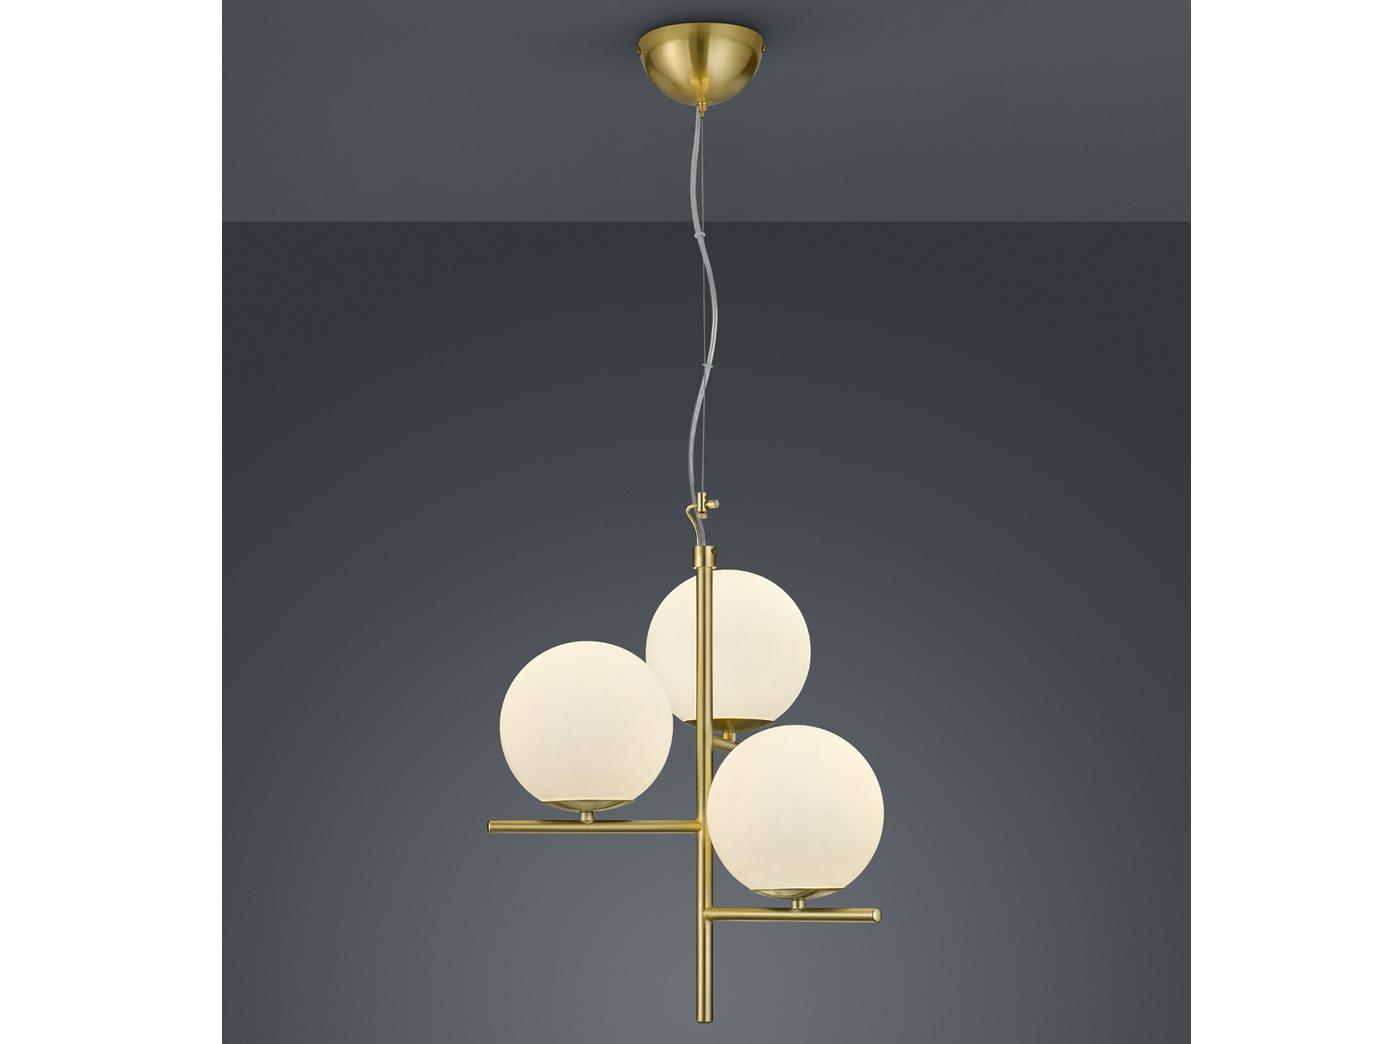 Indexbild 7 - Mehrflammige LED Hängelleuchten Kugel Lampenschirme aus Glas - fürs Wohnzimmer